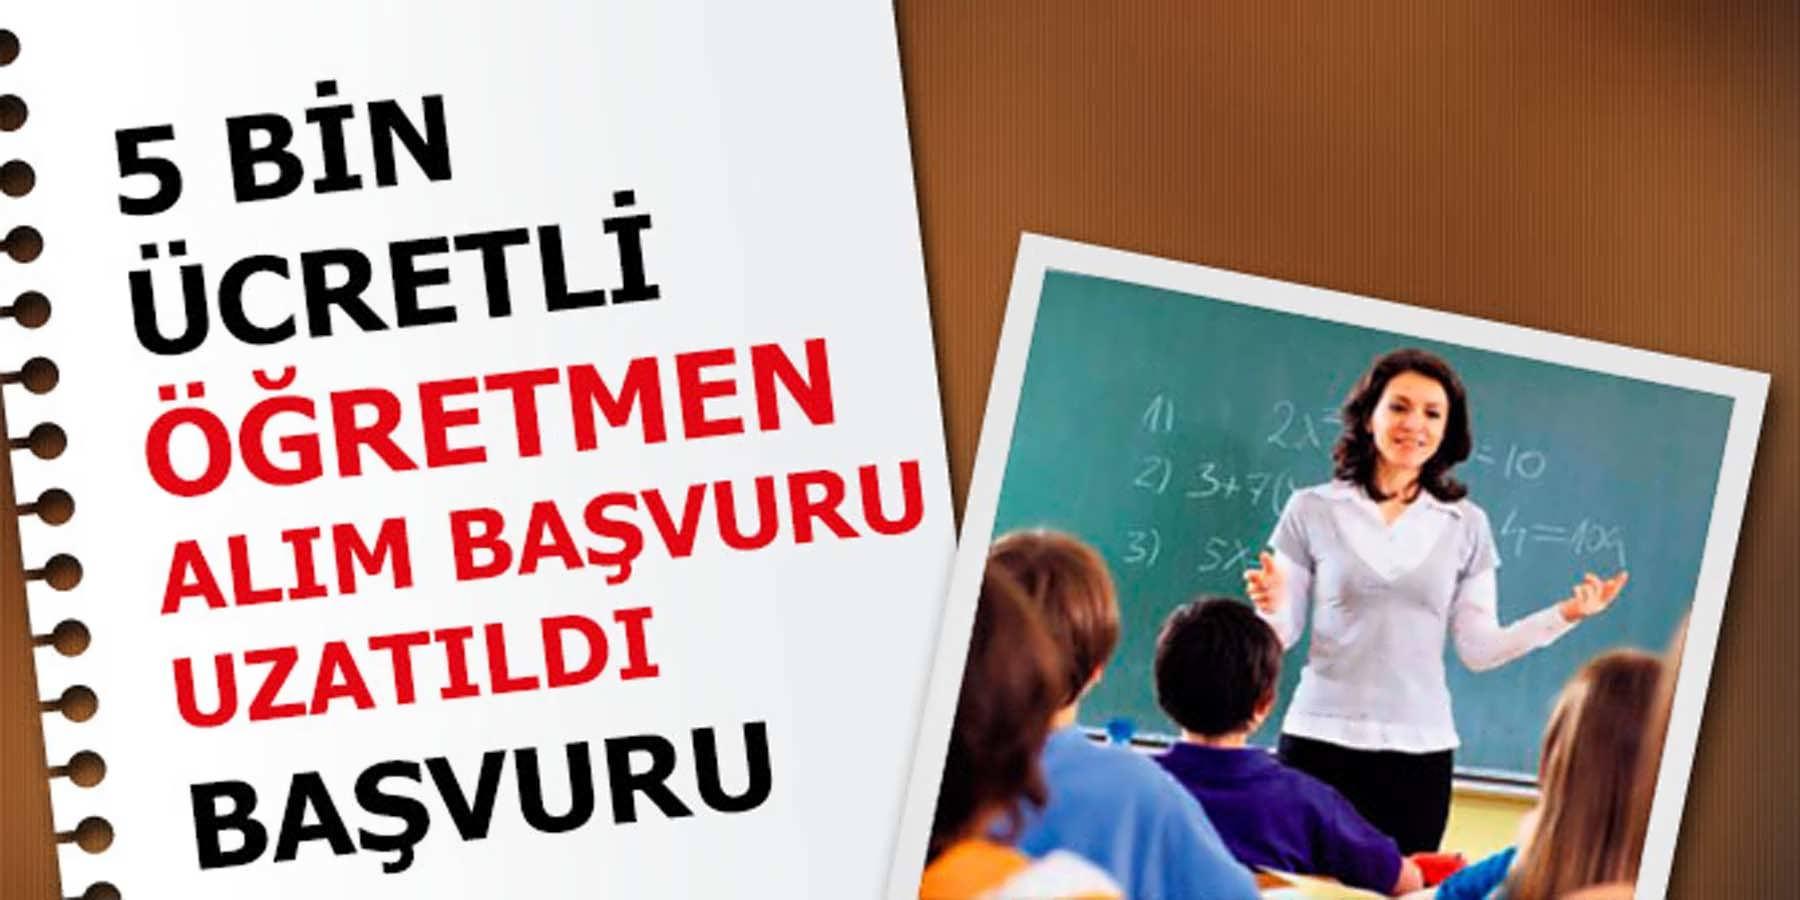 5 Bin Ücretli Öğretmenin Sözleşmeliye Geçişi İçin Başvurular Uzatıldı